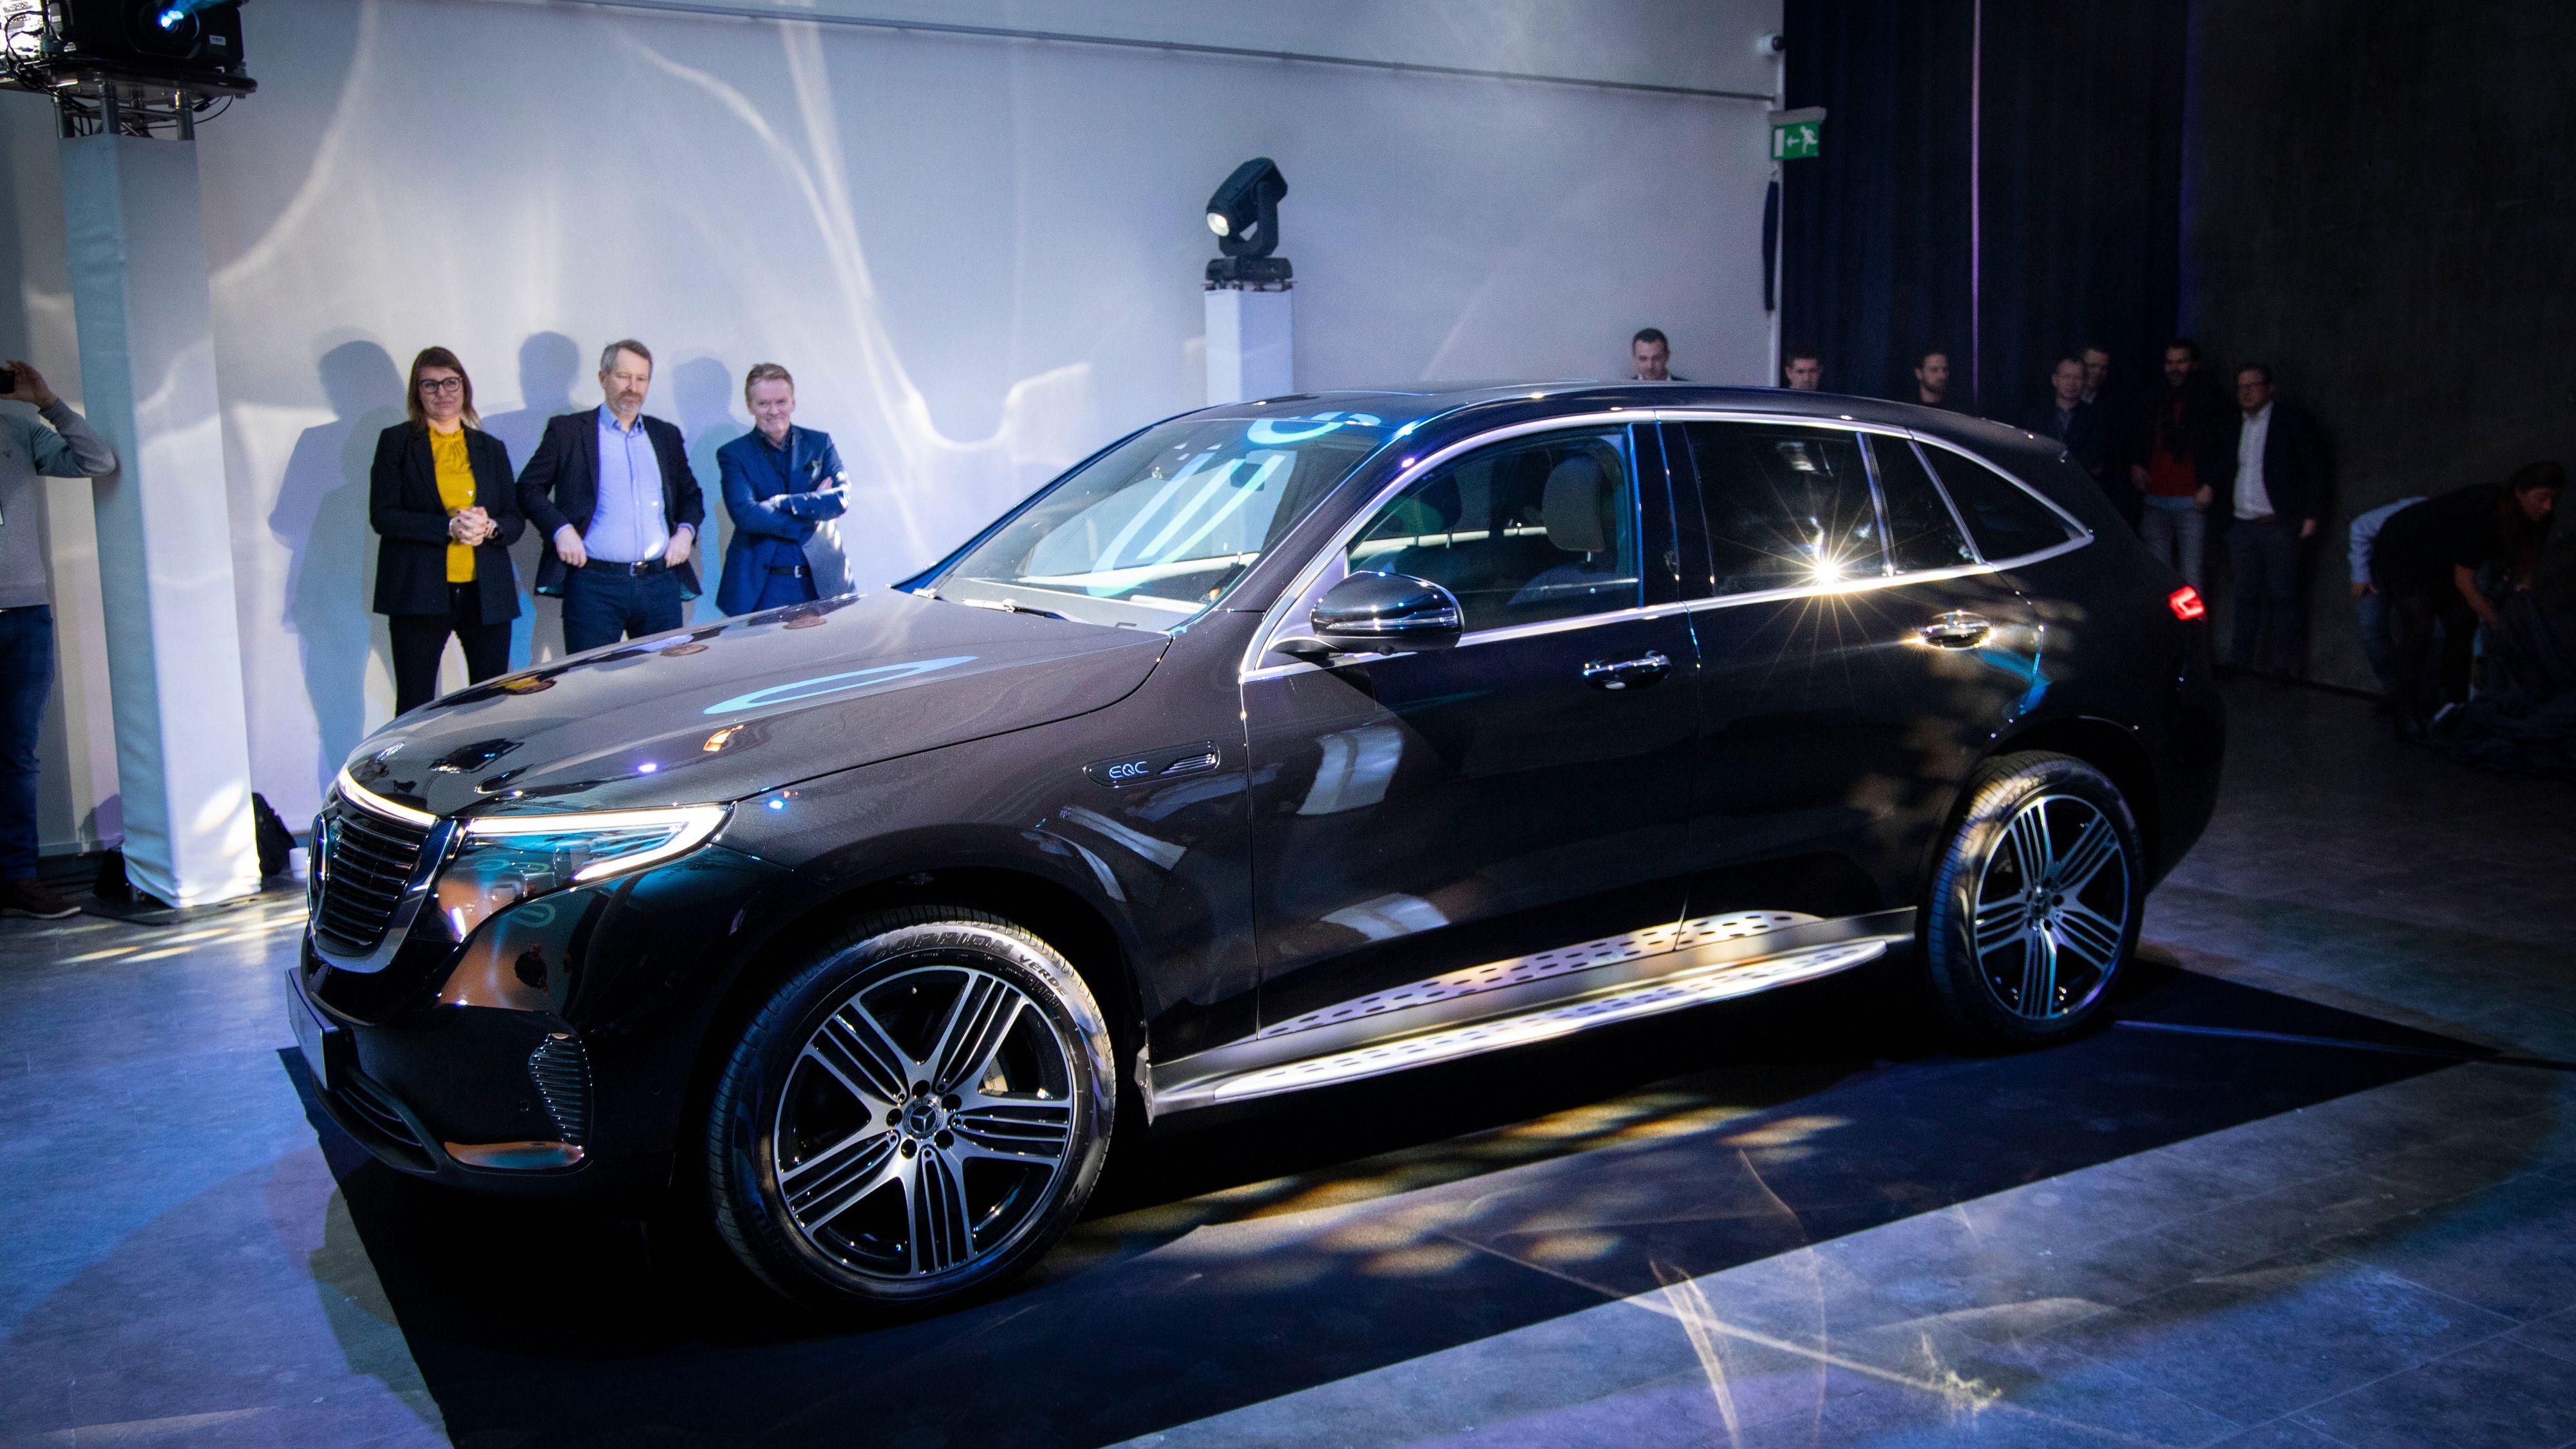 Det er ingen tvil om at Daimler ser på Norge som et viktig EQC-marked. Allerede i februar ble bilen vist frem til potensielle kunder i Oslo.